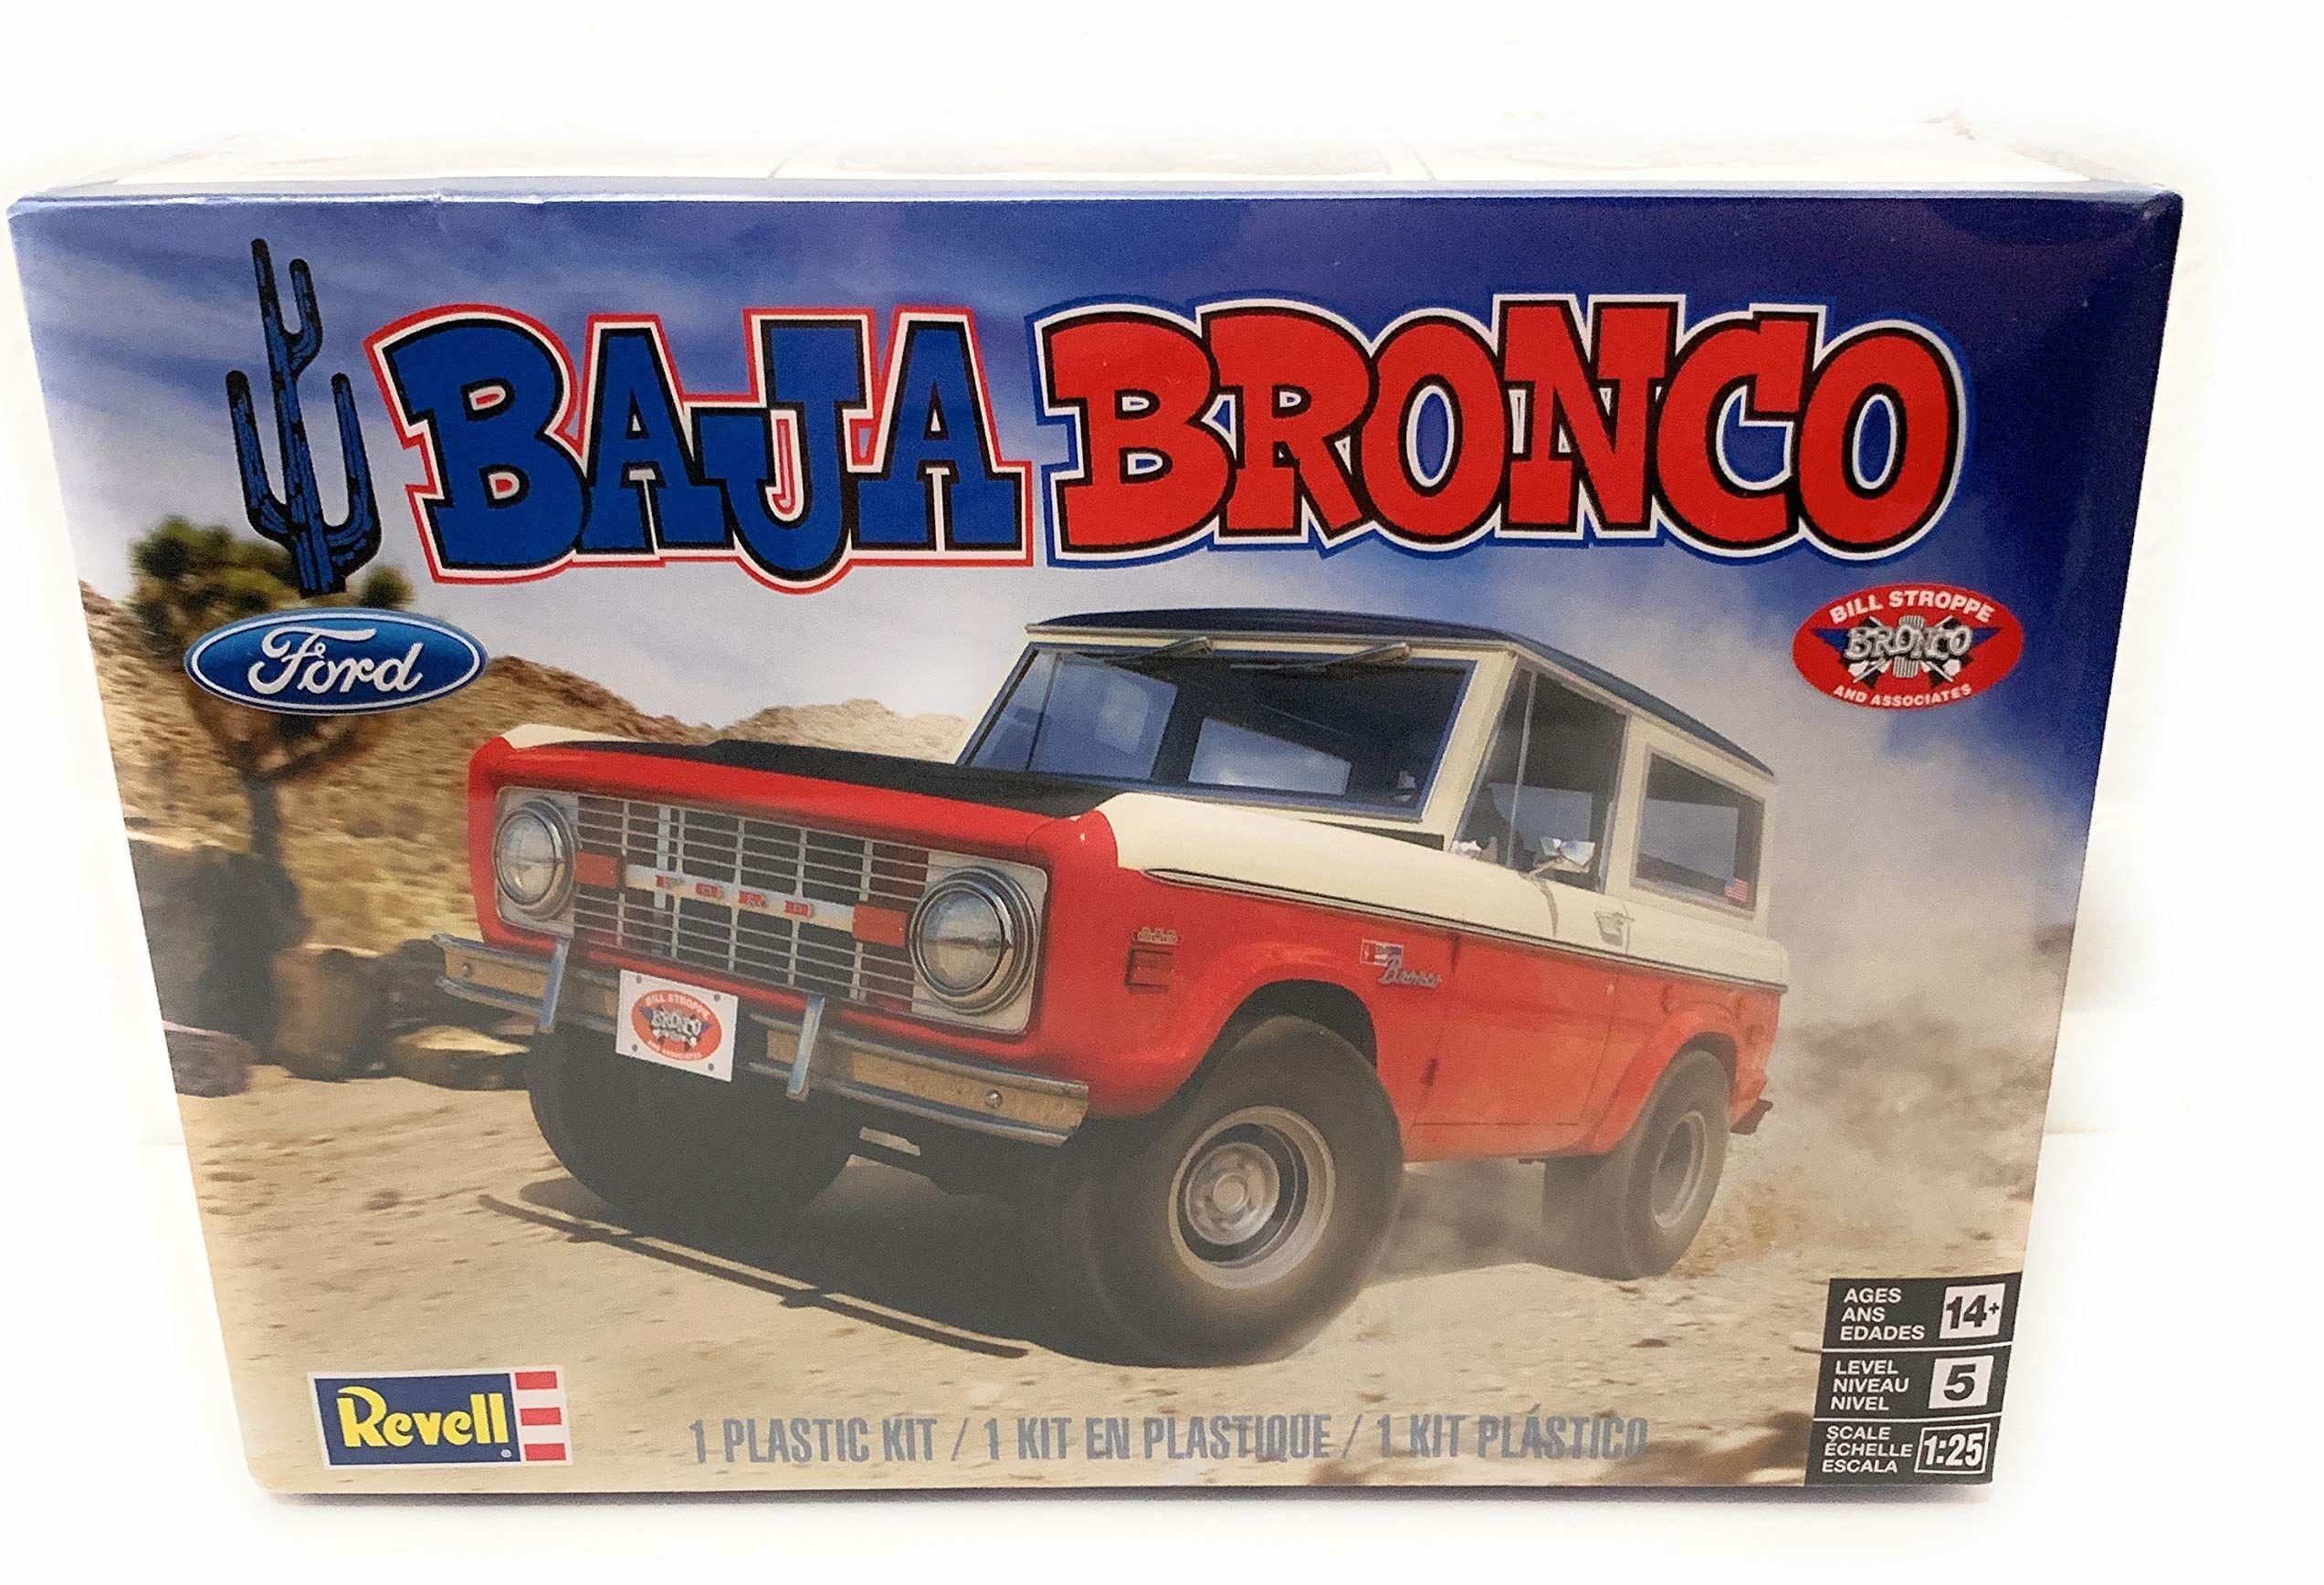 Revell 14436 Baja Bronco odwzorowany zestaw modeli, zestaw samochodowy 1:25, wielokolorowy